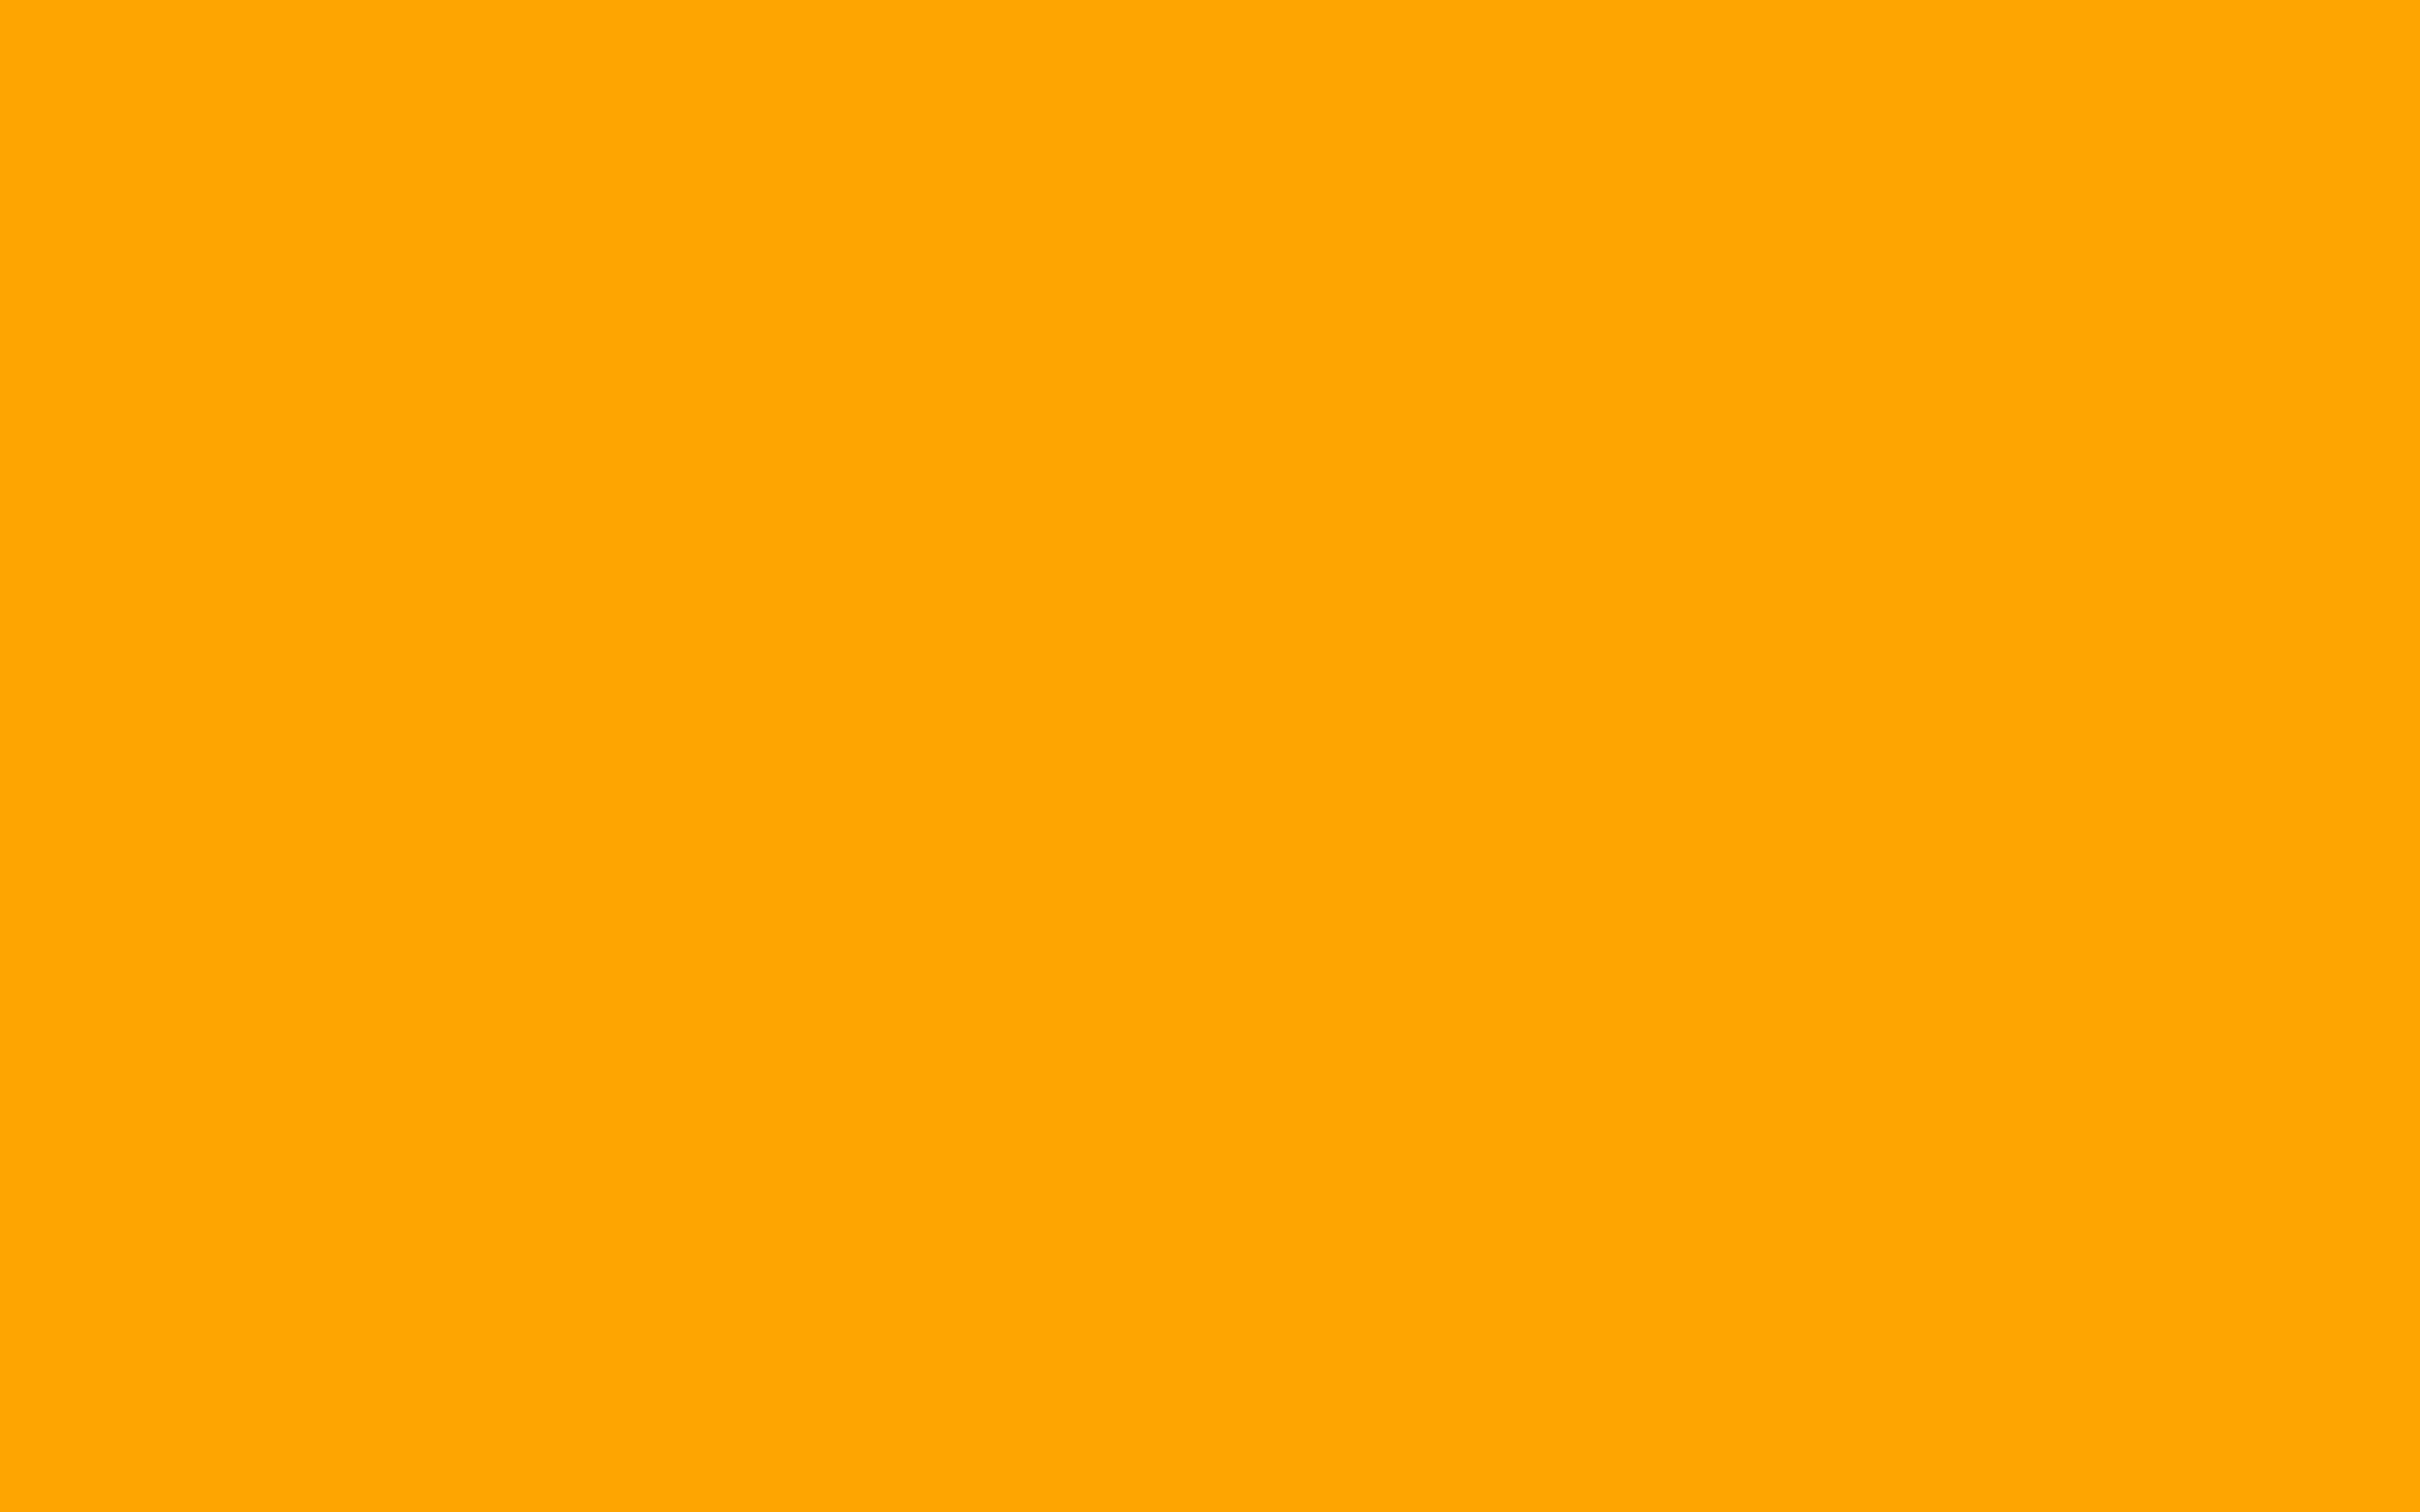 2560x1600 Orange Web Solid Color Background